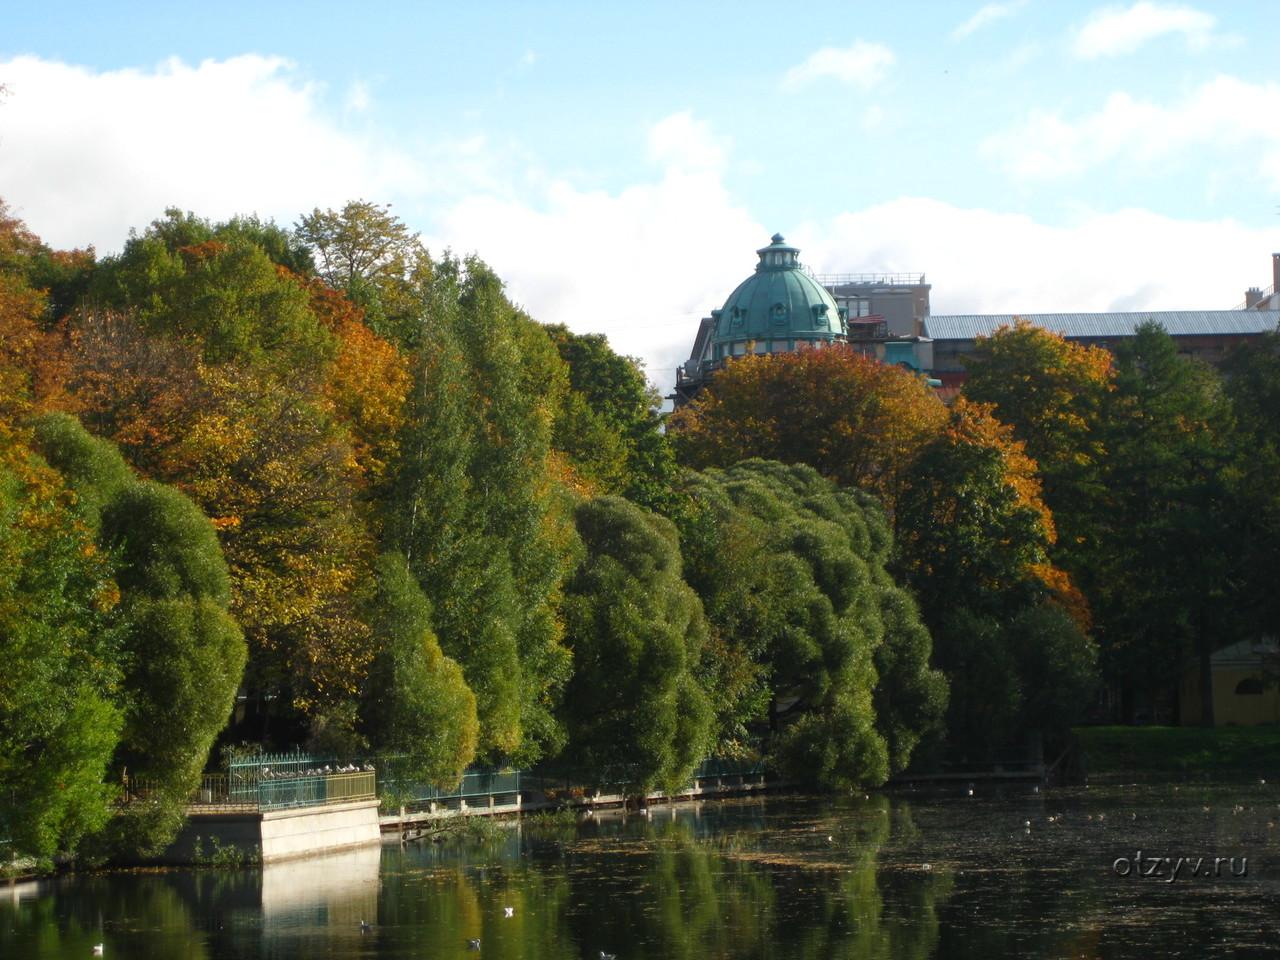 Таврический сад в санкт петербурге фото наидобрейшего внимания